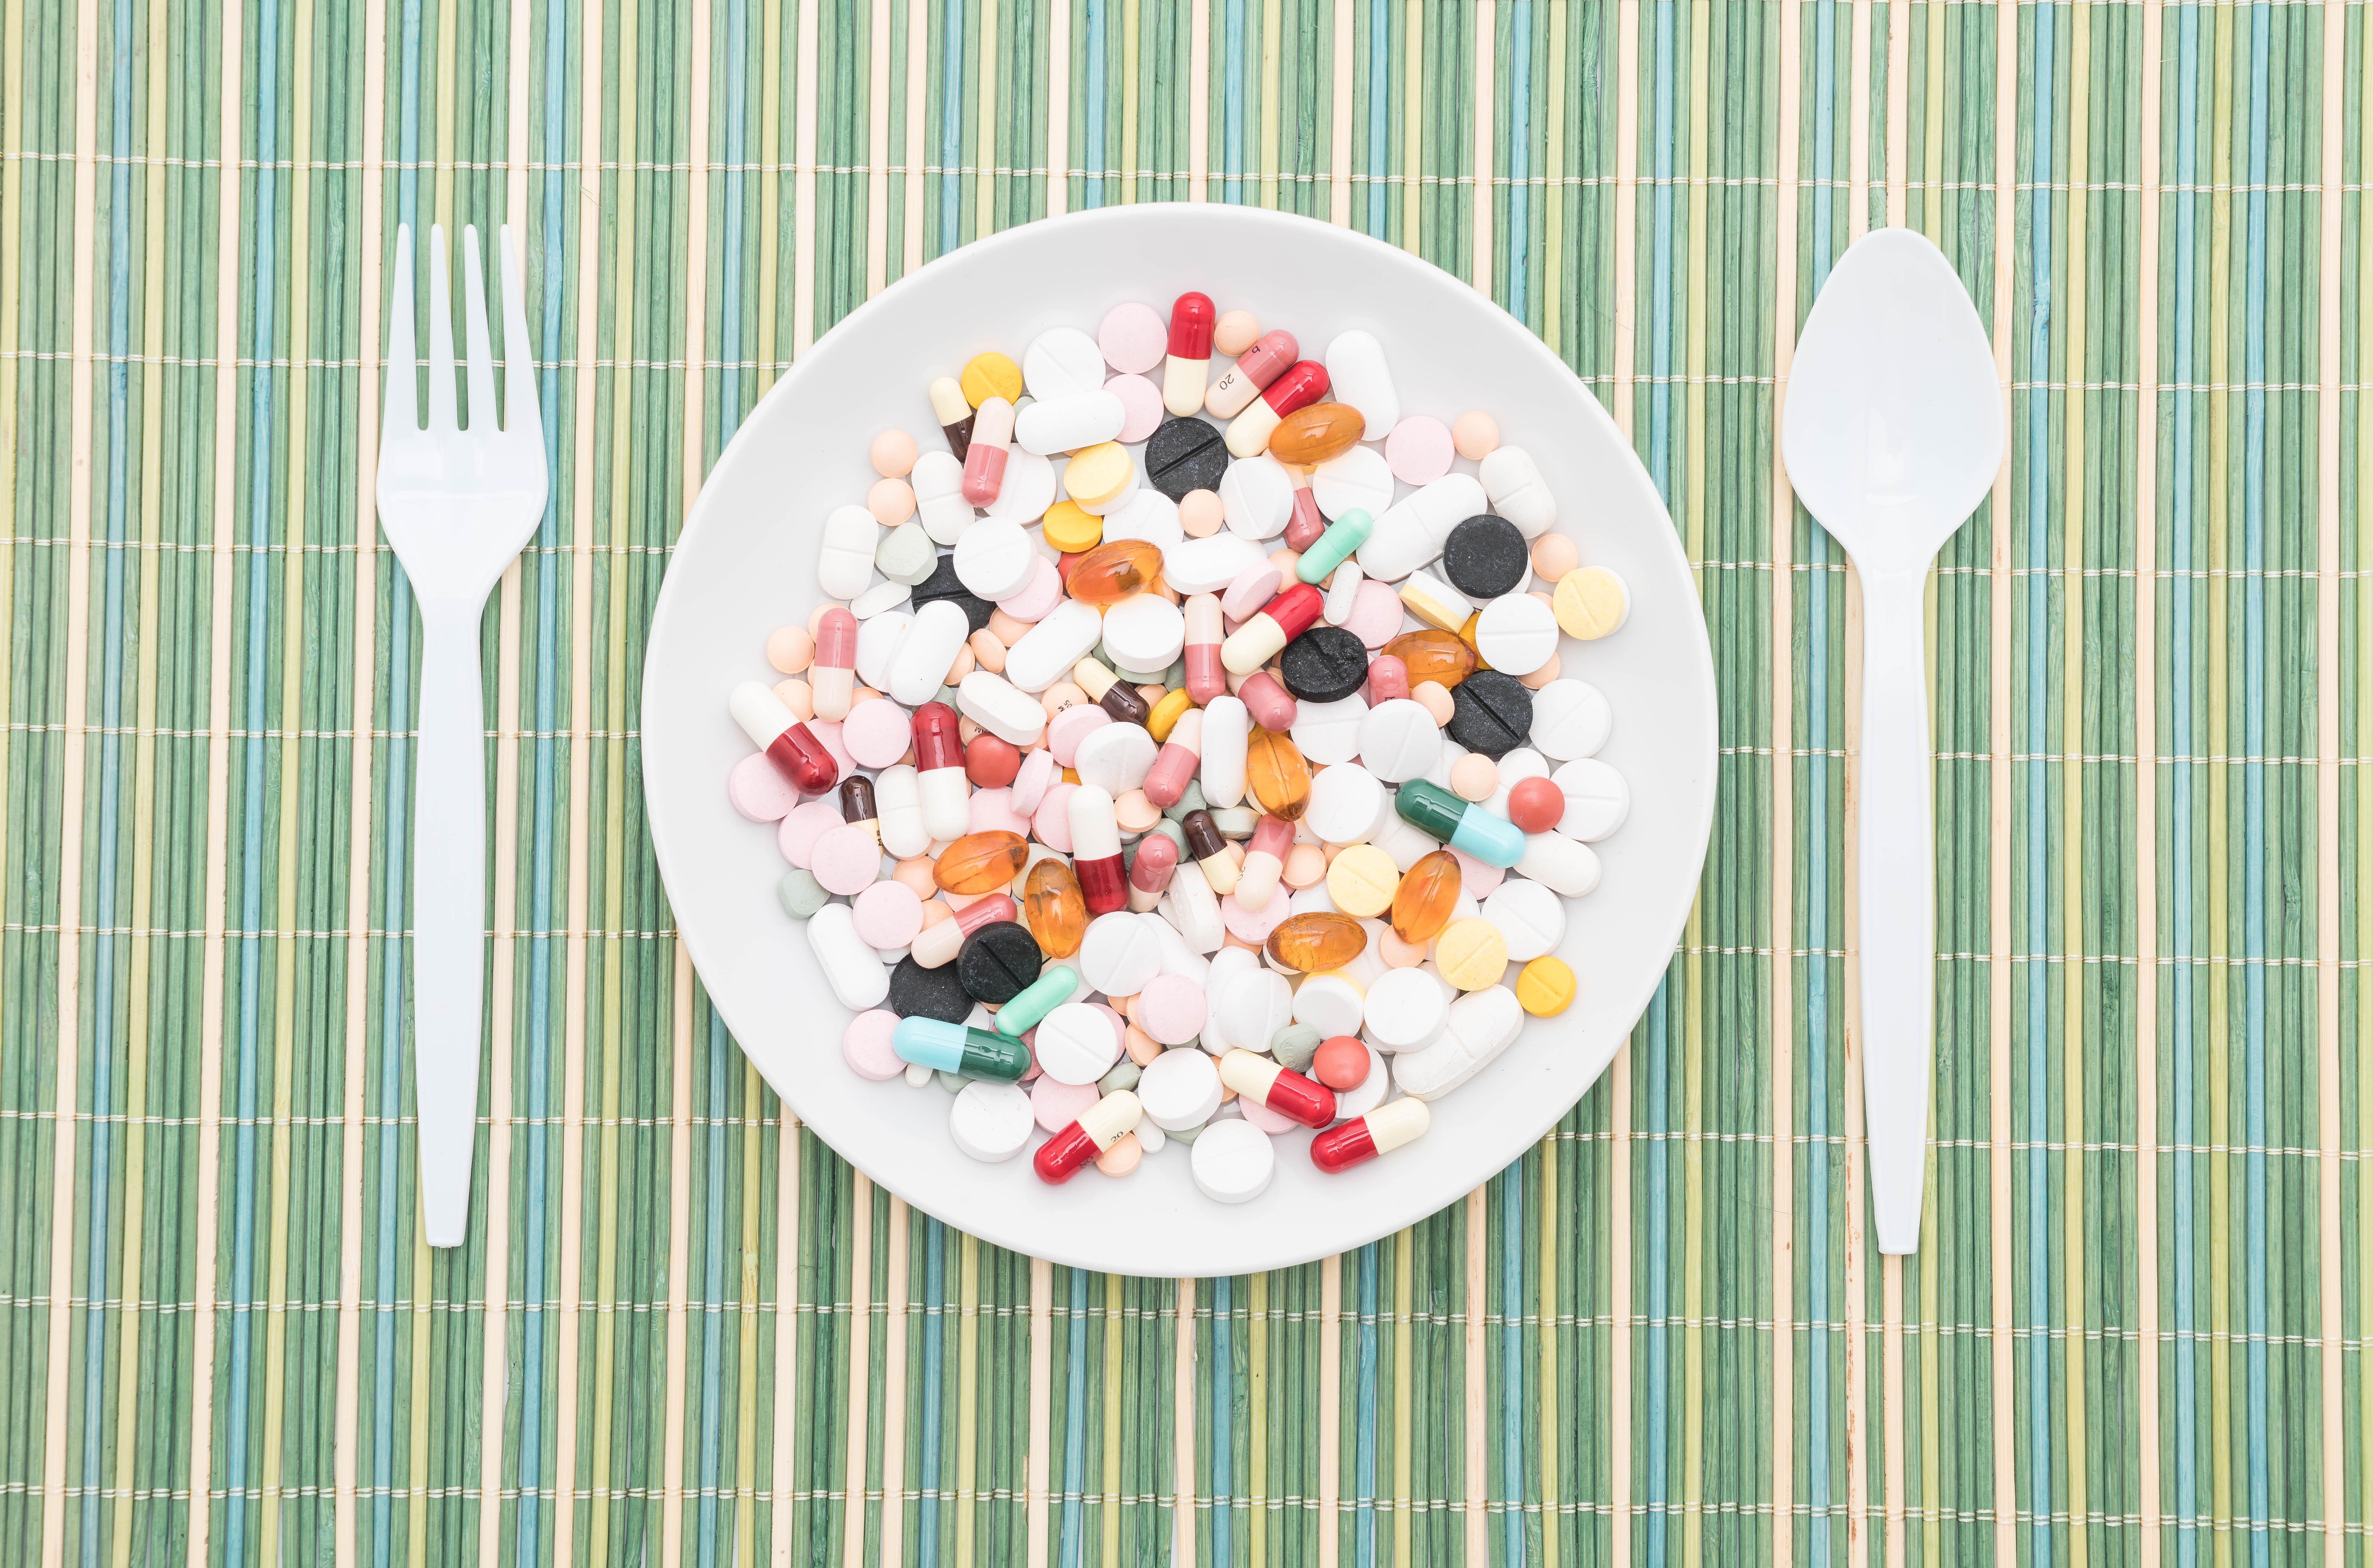 Piatto di porcellana con pastiglie al posto delle pietanze